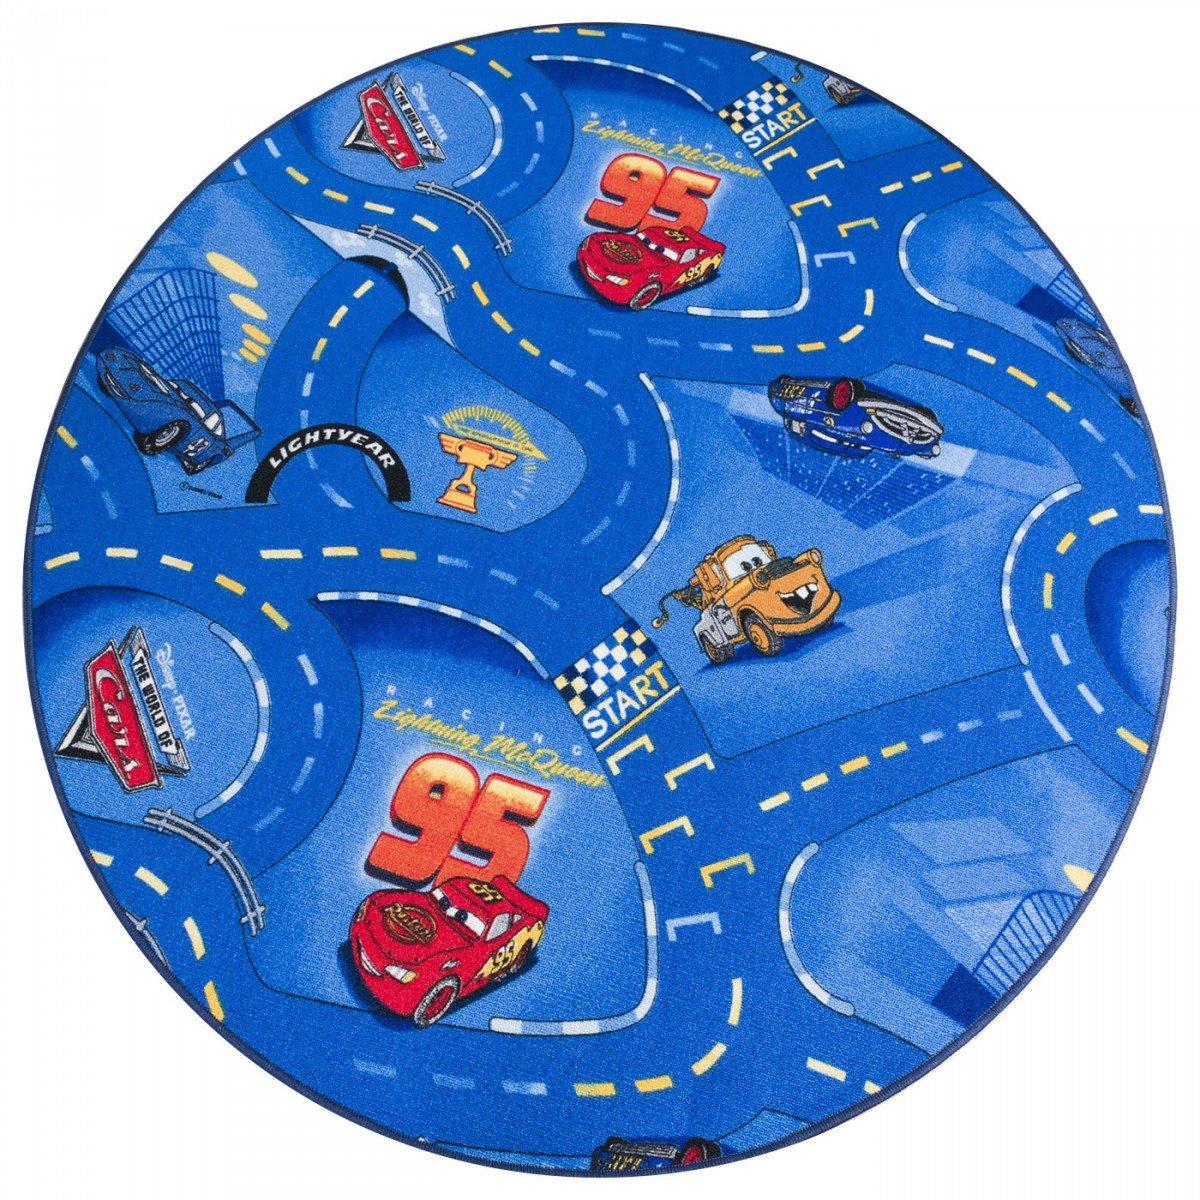 Havatex Kinderteppich Cars rund - Farben  Rot, Blau, Grau   Spielteppich schadstoffgeprüft pflegeleicht strapazierfähig   Kinderzimmer Spielzimmer Autos, Farbe Blau, Größe 200 cm rund